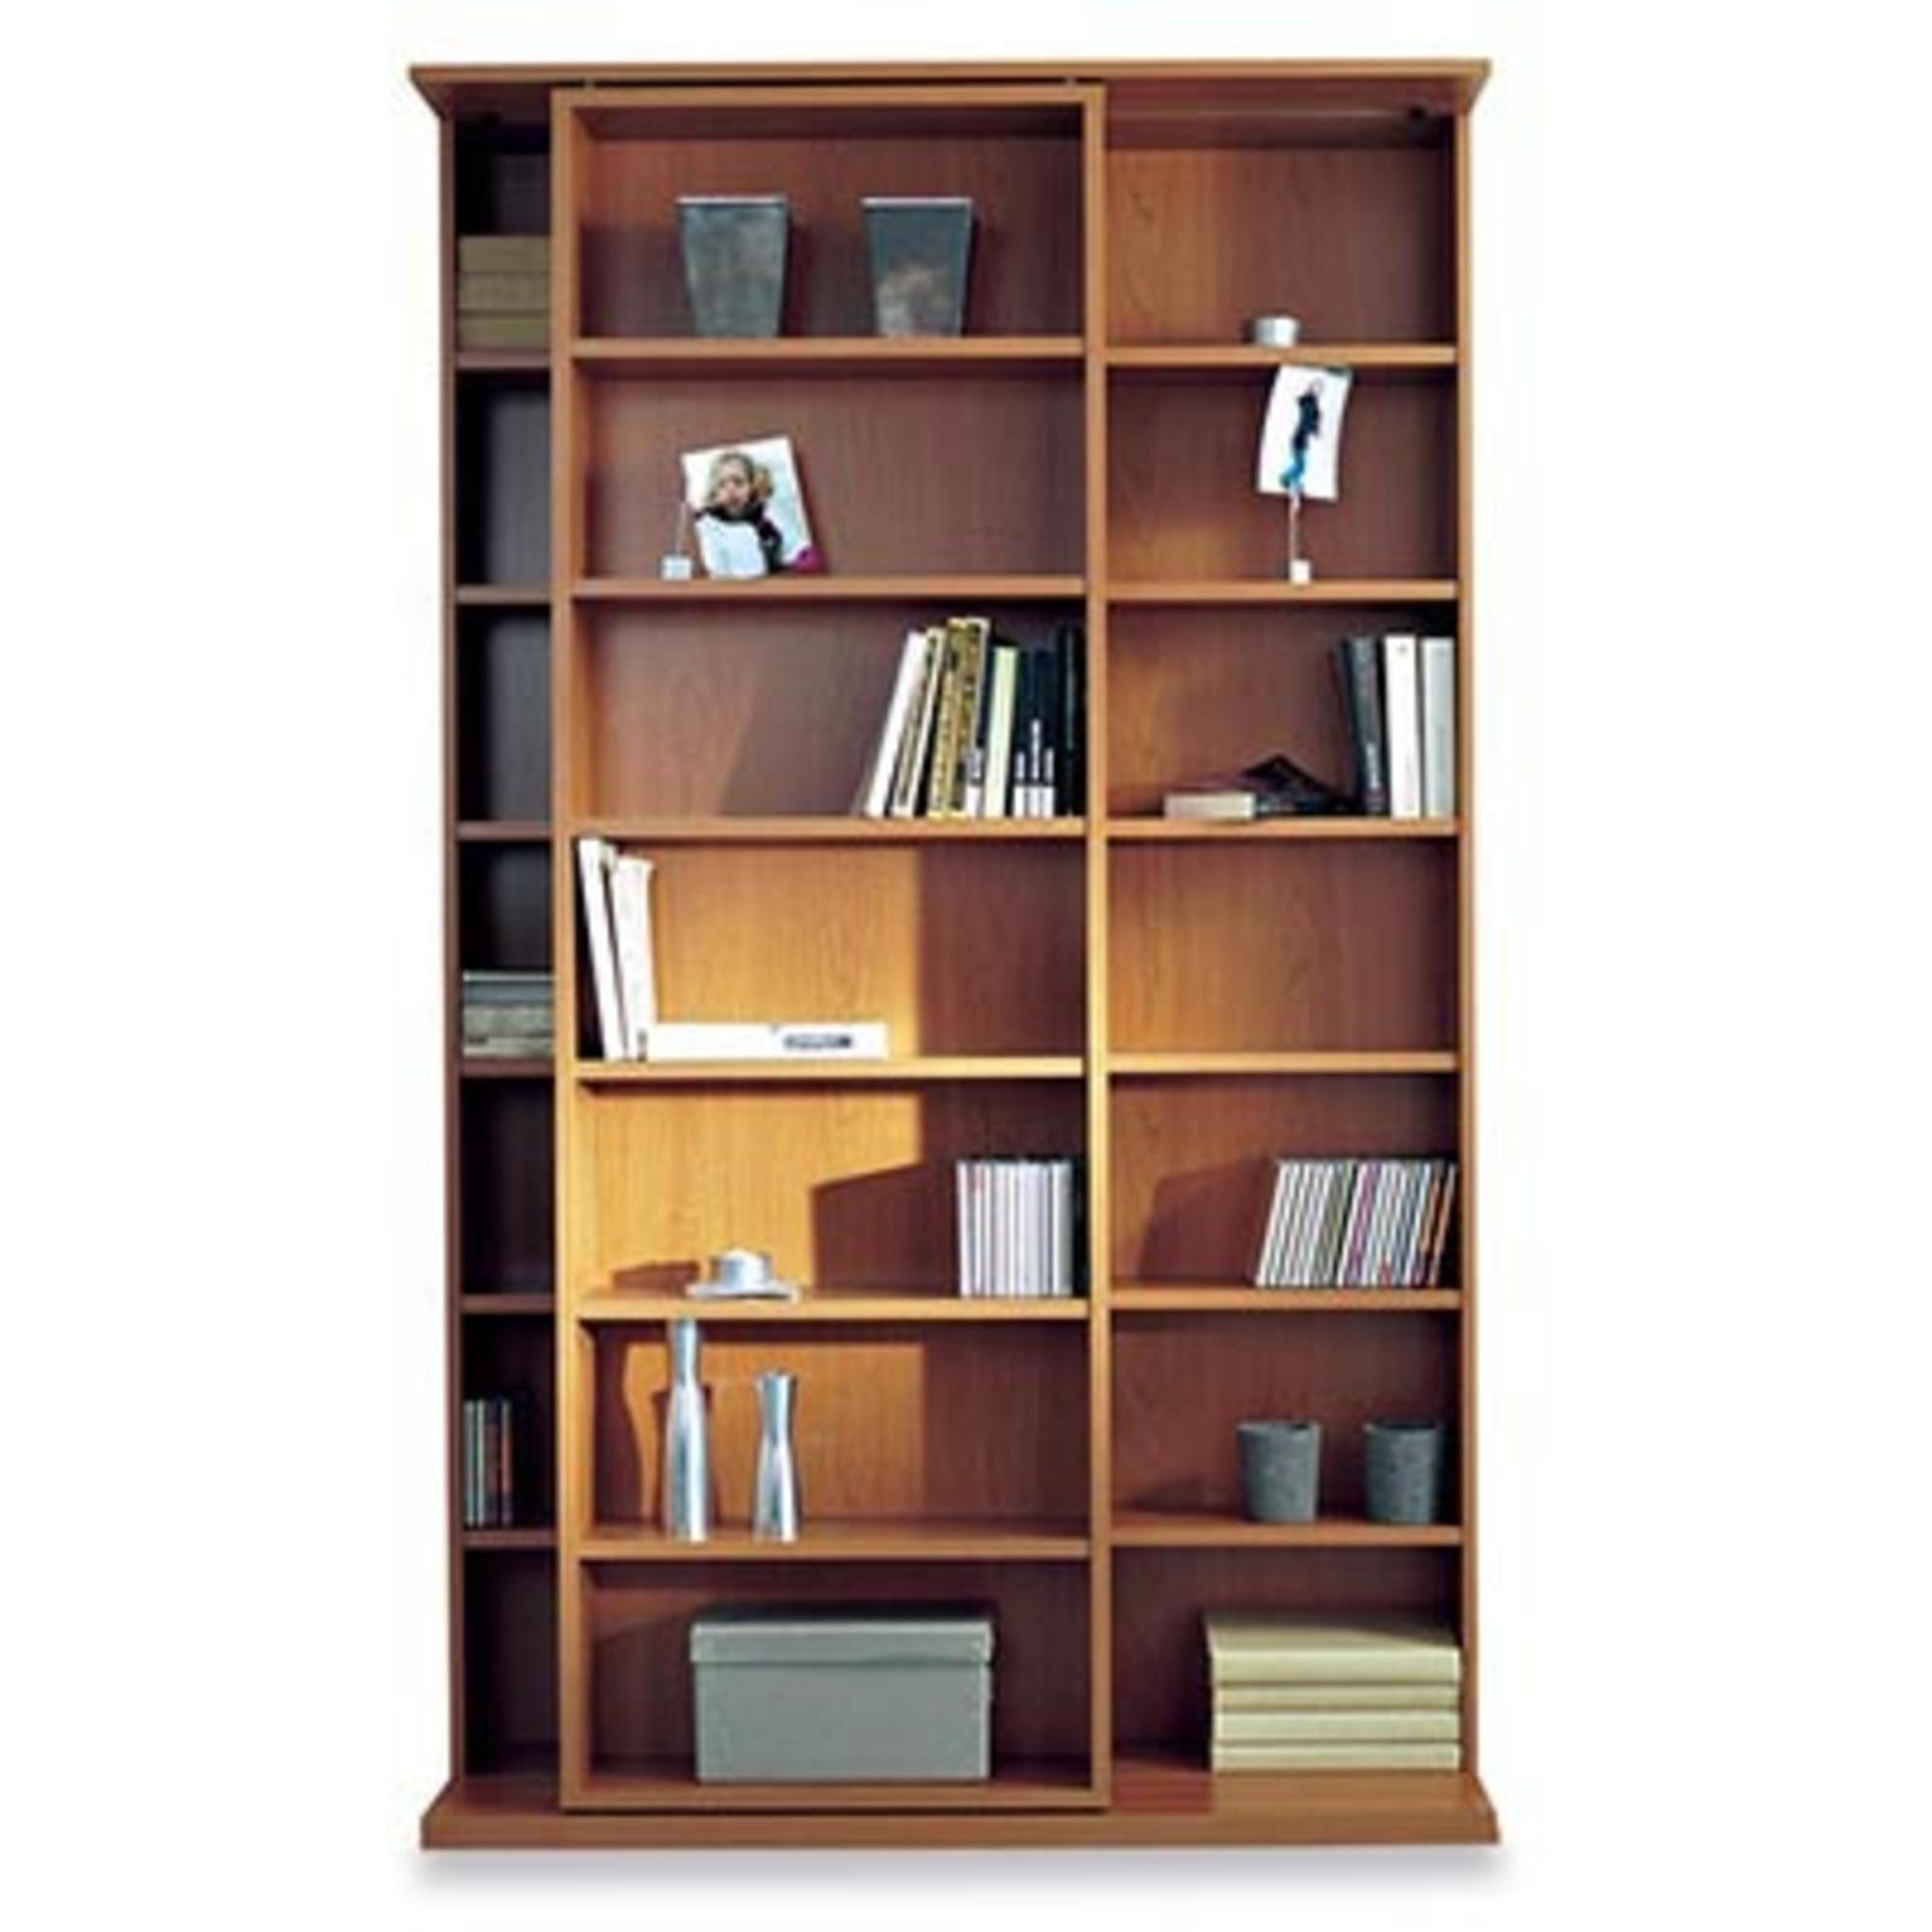 biblioth que coulissante slide merisier anniversaire 40 ans acheter ce produit au meilleur. Black Bedroom Furniture Sets. Home Design Ideas